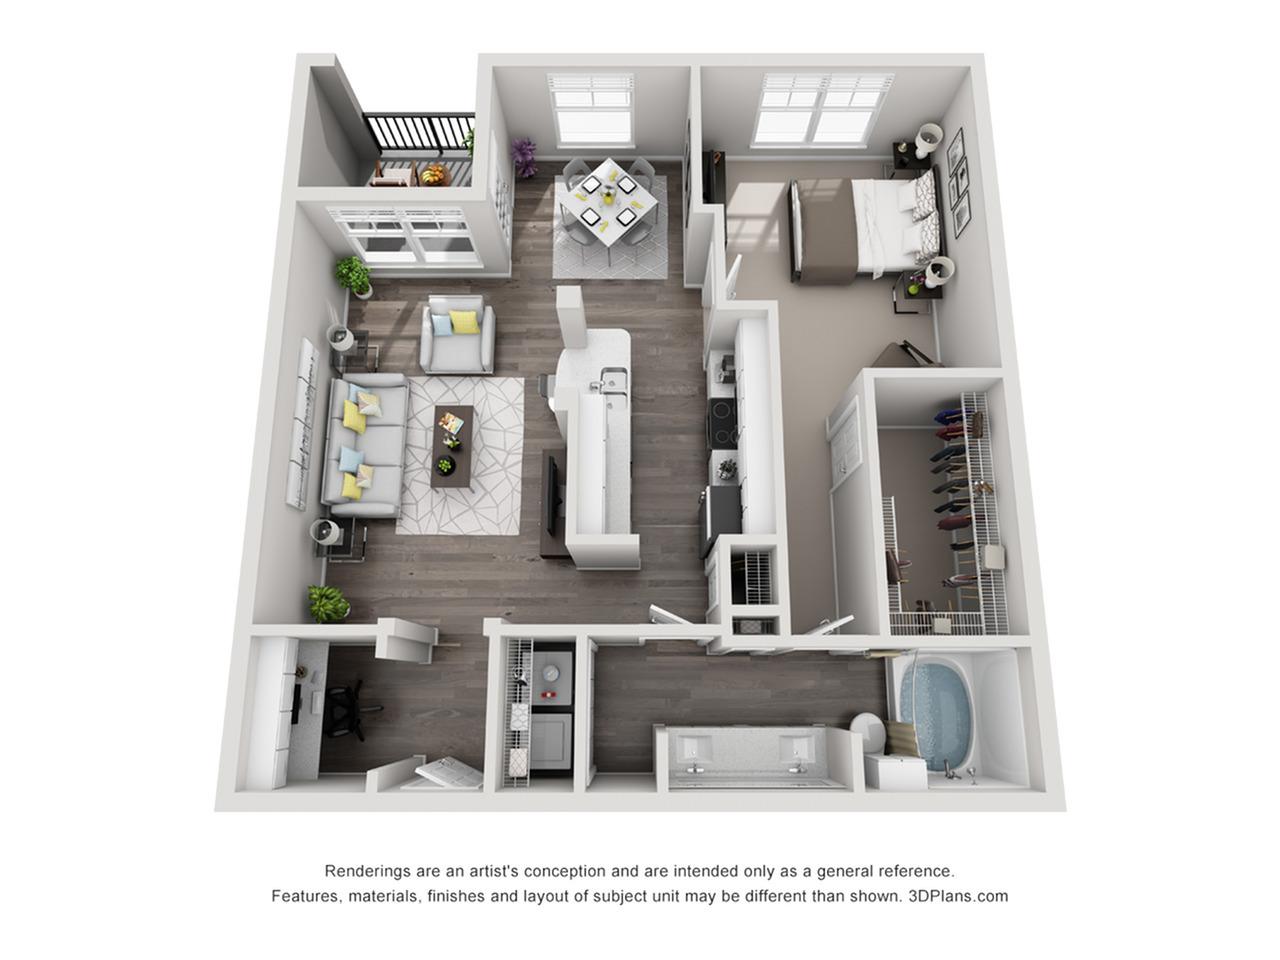 One bedroom apartment in Perimeter Atlanta